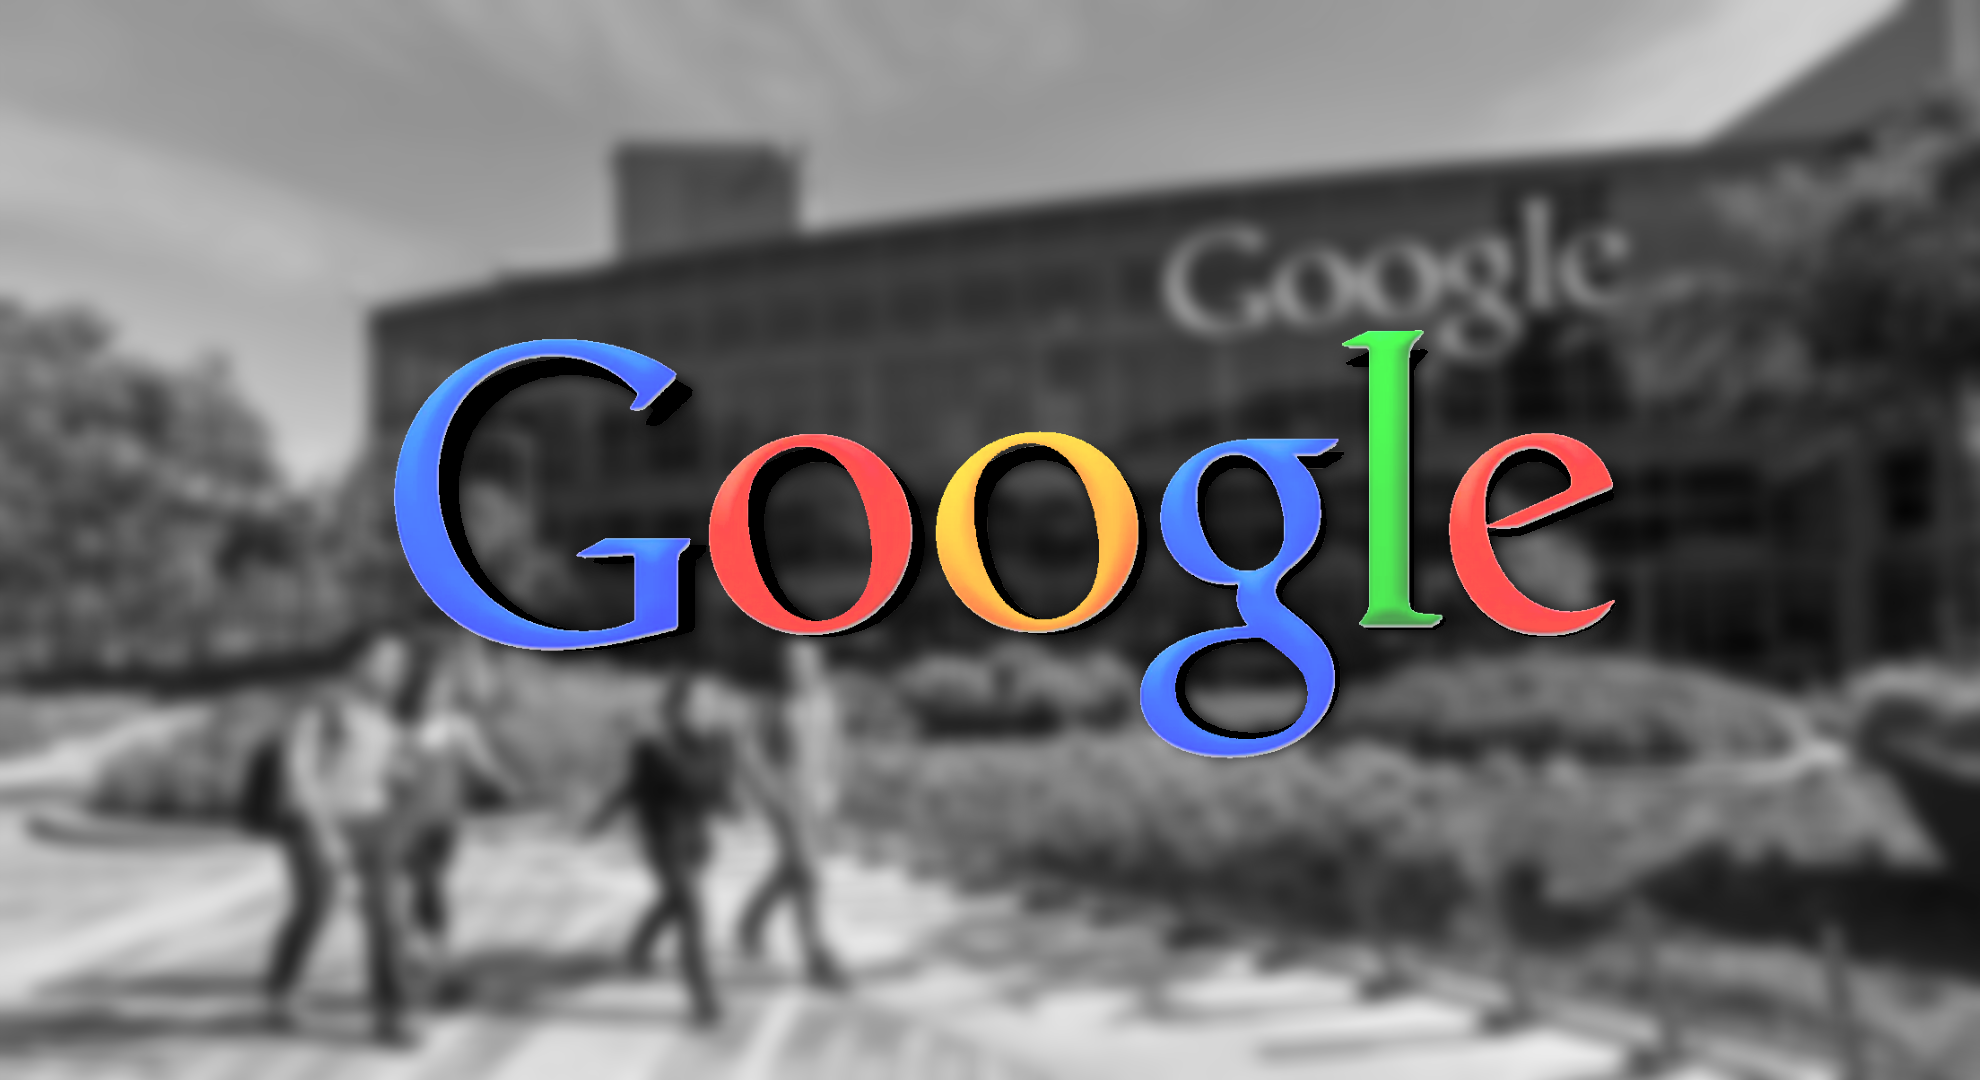 Google-1000-allowance-employees